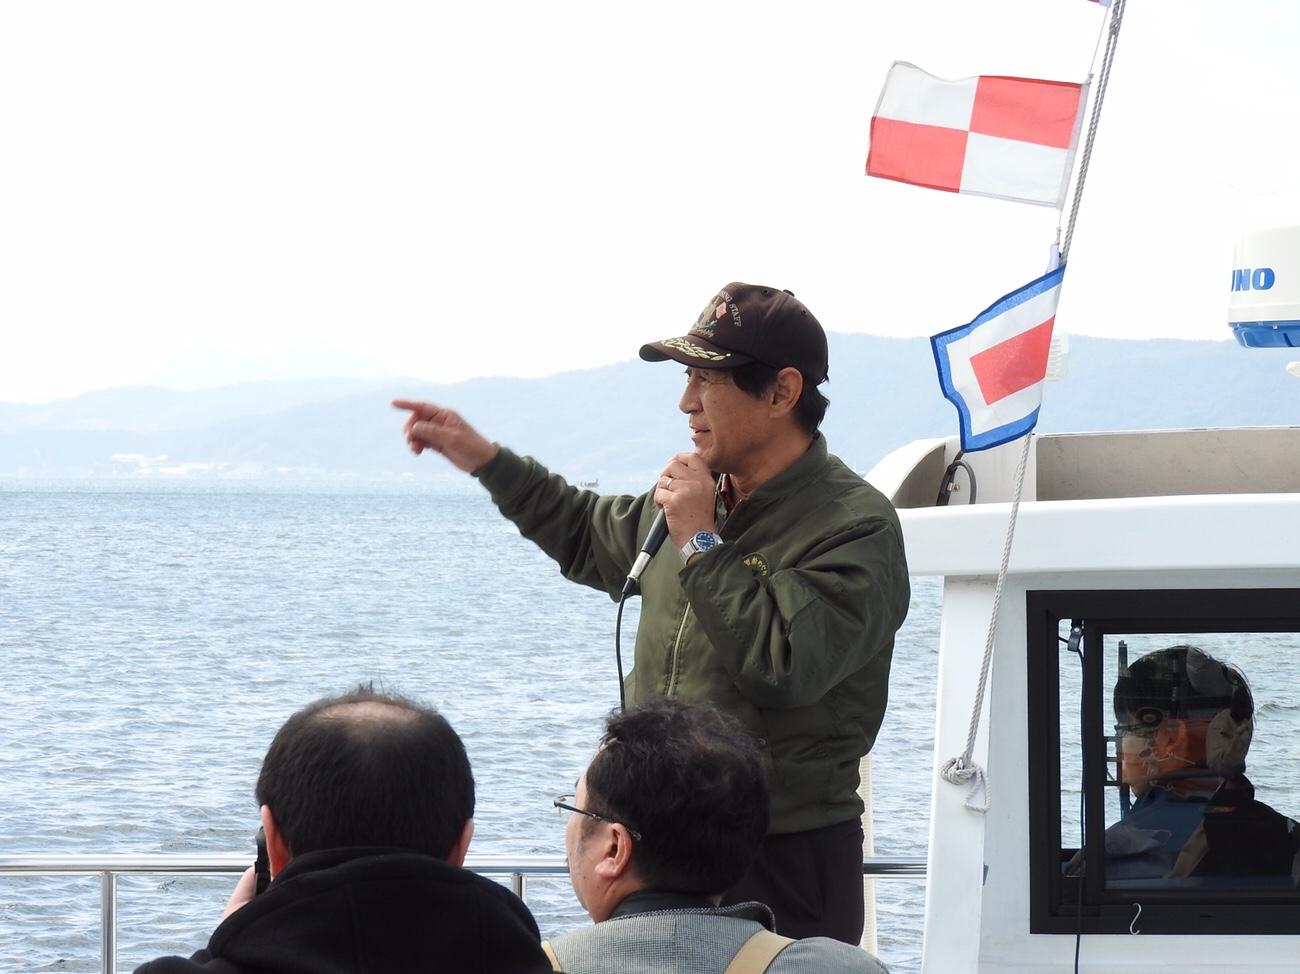 呉観光船 艦船めぐり乗船レポート